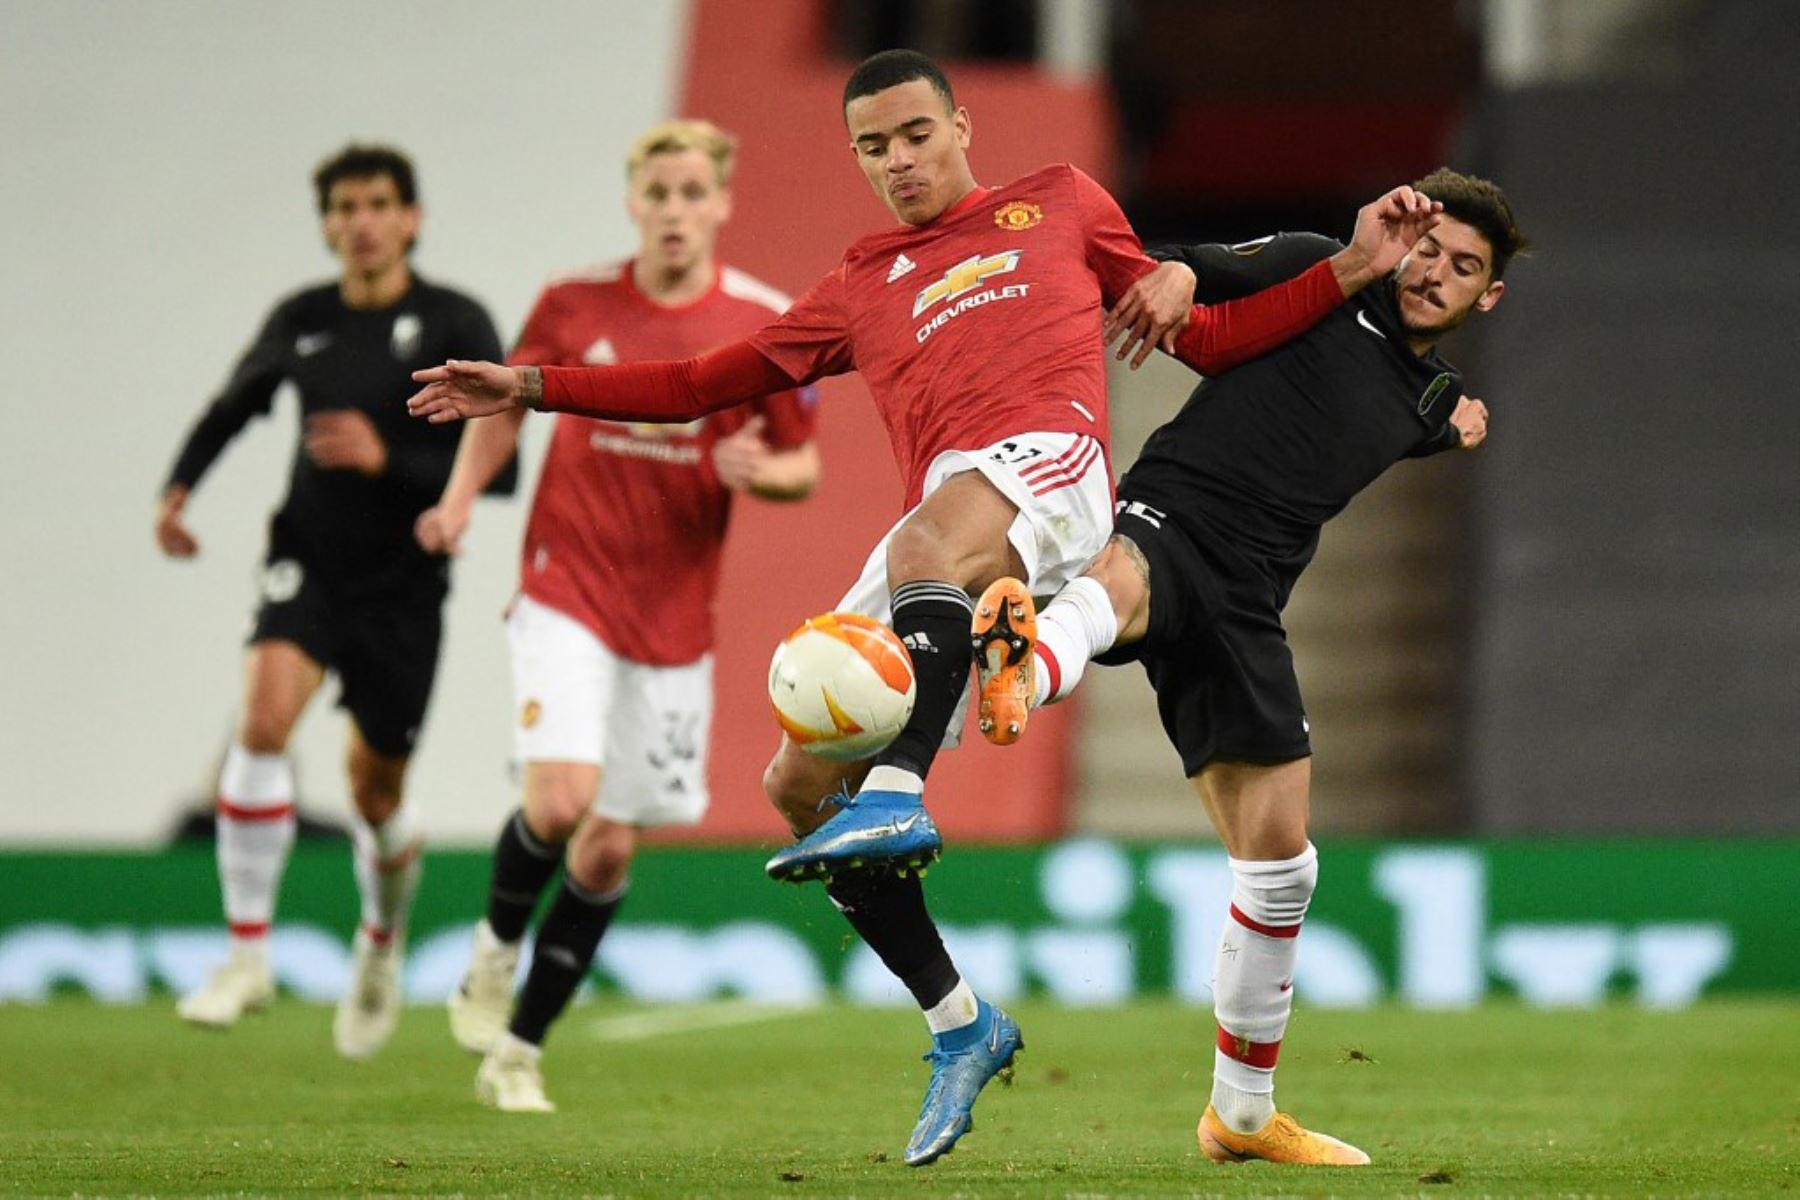 El delantero inglés del Manchester United, Mason Greenwood (C), compite con el defensa español del Granada Carlos Neva (R) durante los cuartos de final de la UEFA Europa League, el segundo partido de fútbol entre el Manchester United y el Granada.  Foto:AFP